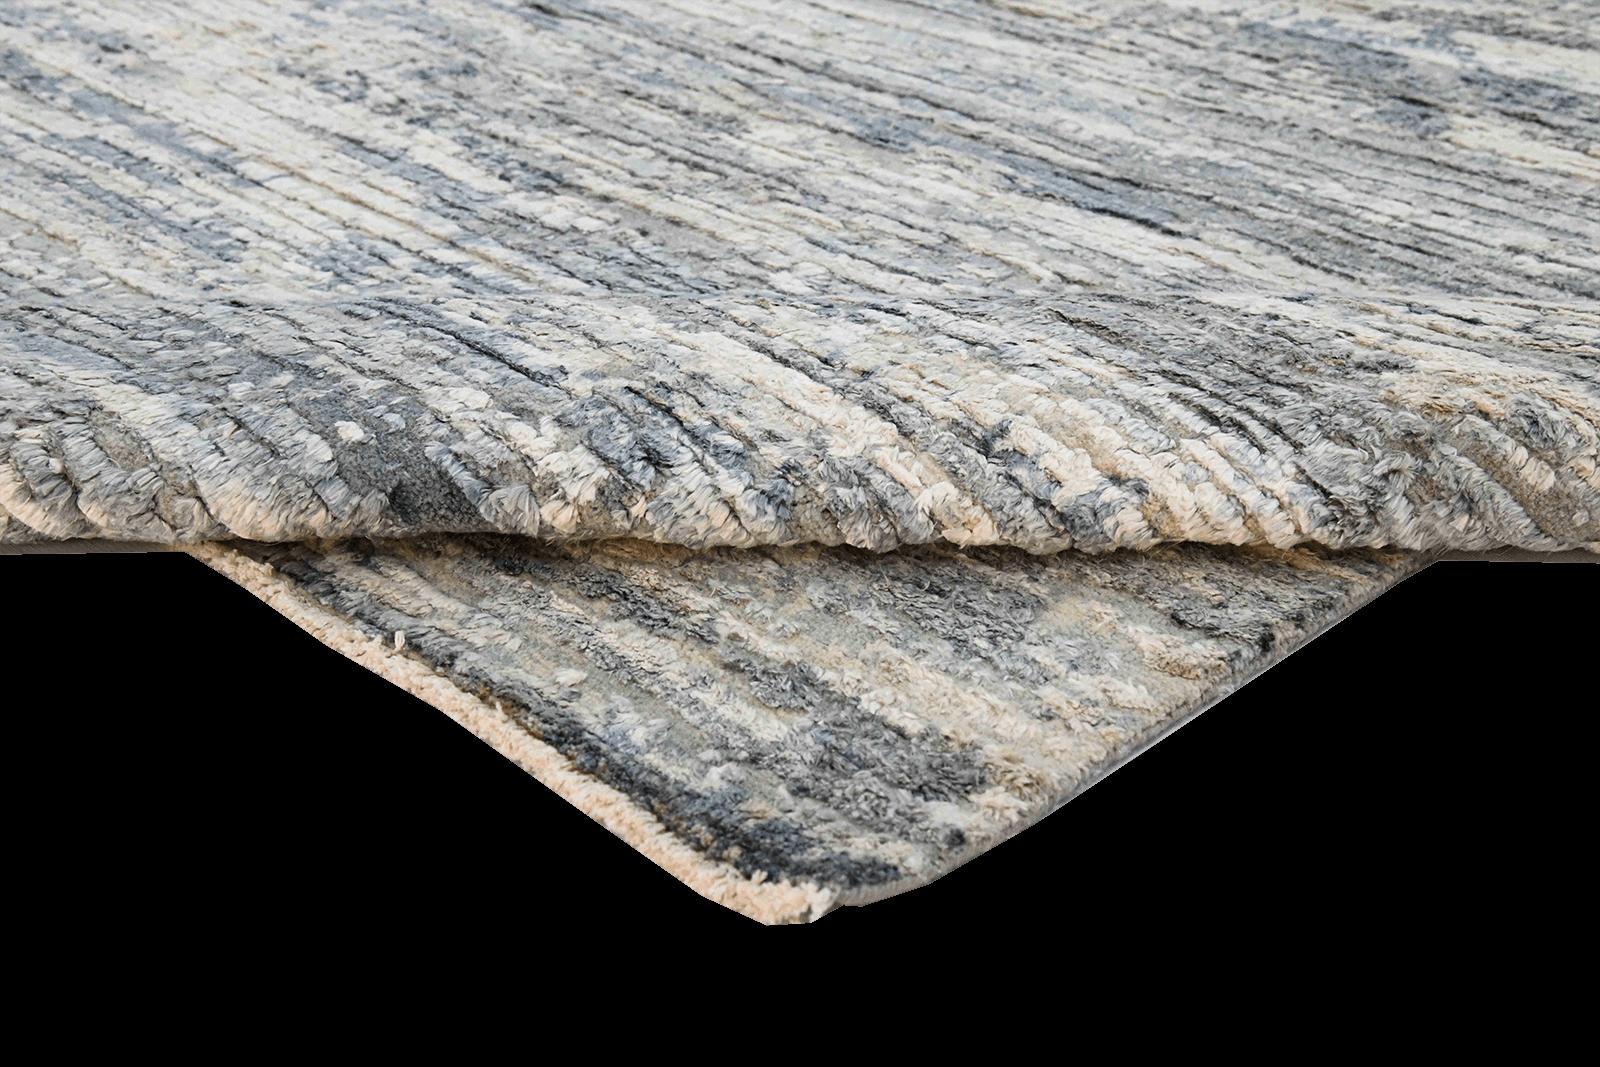 avant-garde-stone-design-tapijt-luxe-moderne-exclusieve-design-tapijten-luxe-vloerkleden-zijde-haute-couture-koreman-maastricht